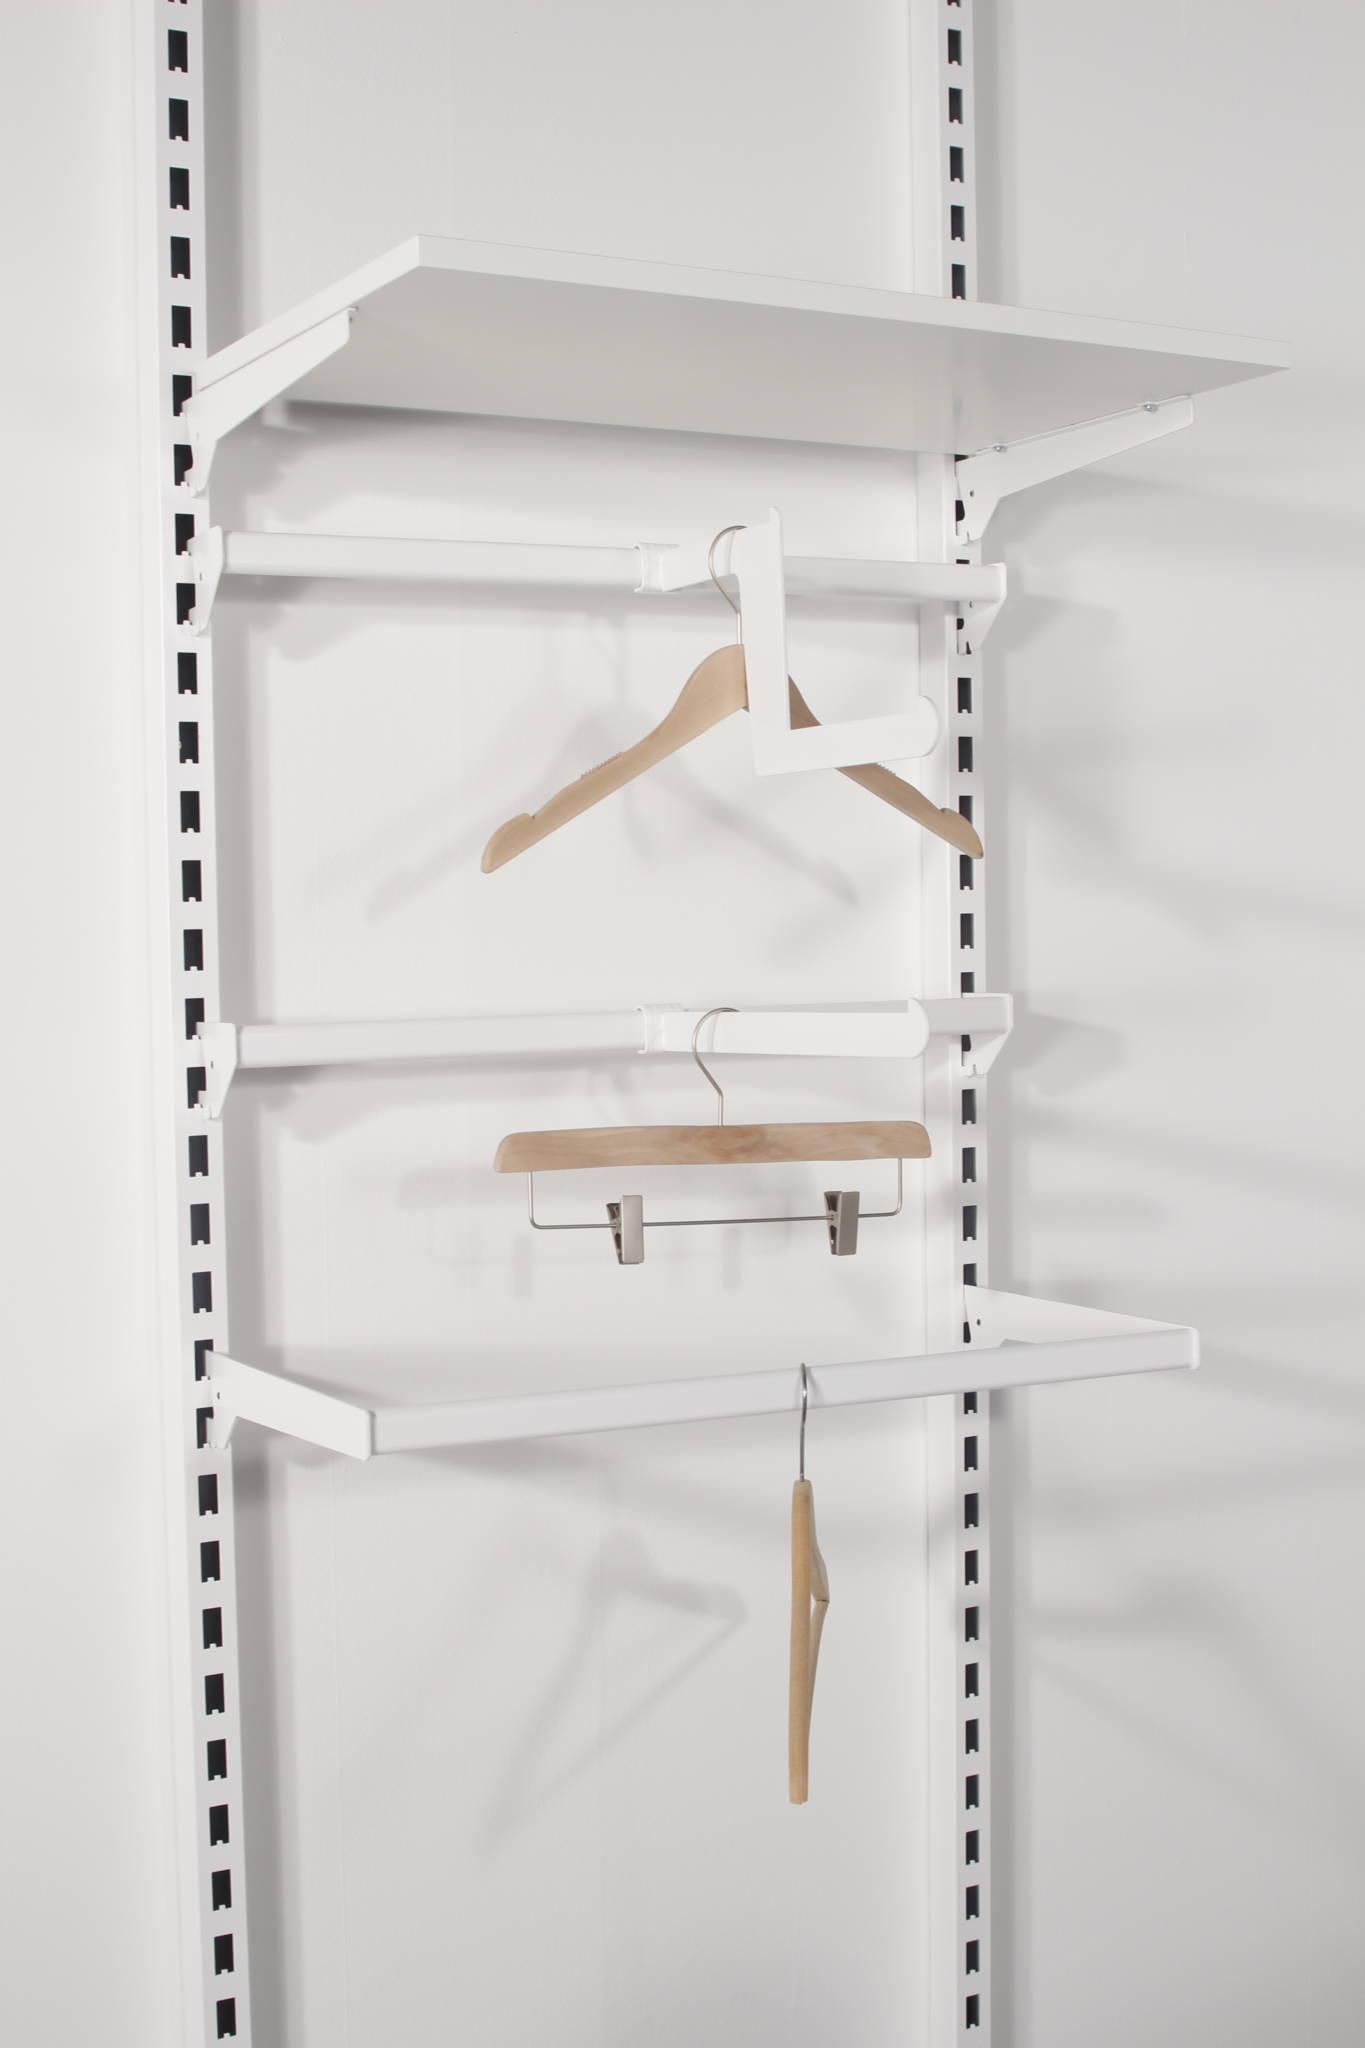 Hvidt butiksinventar præsenteret på den store søjle